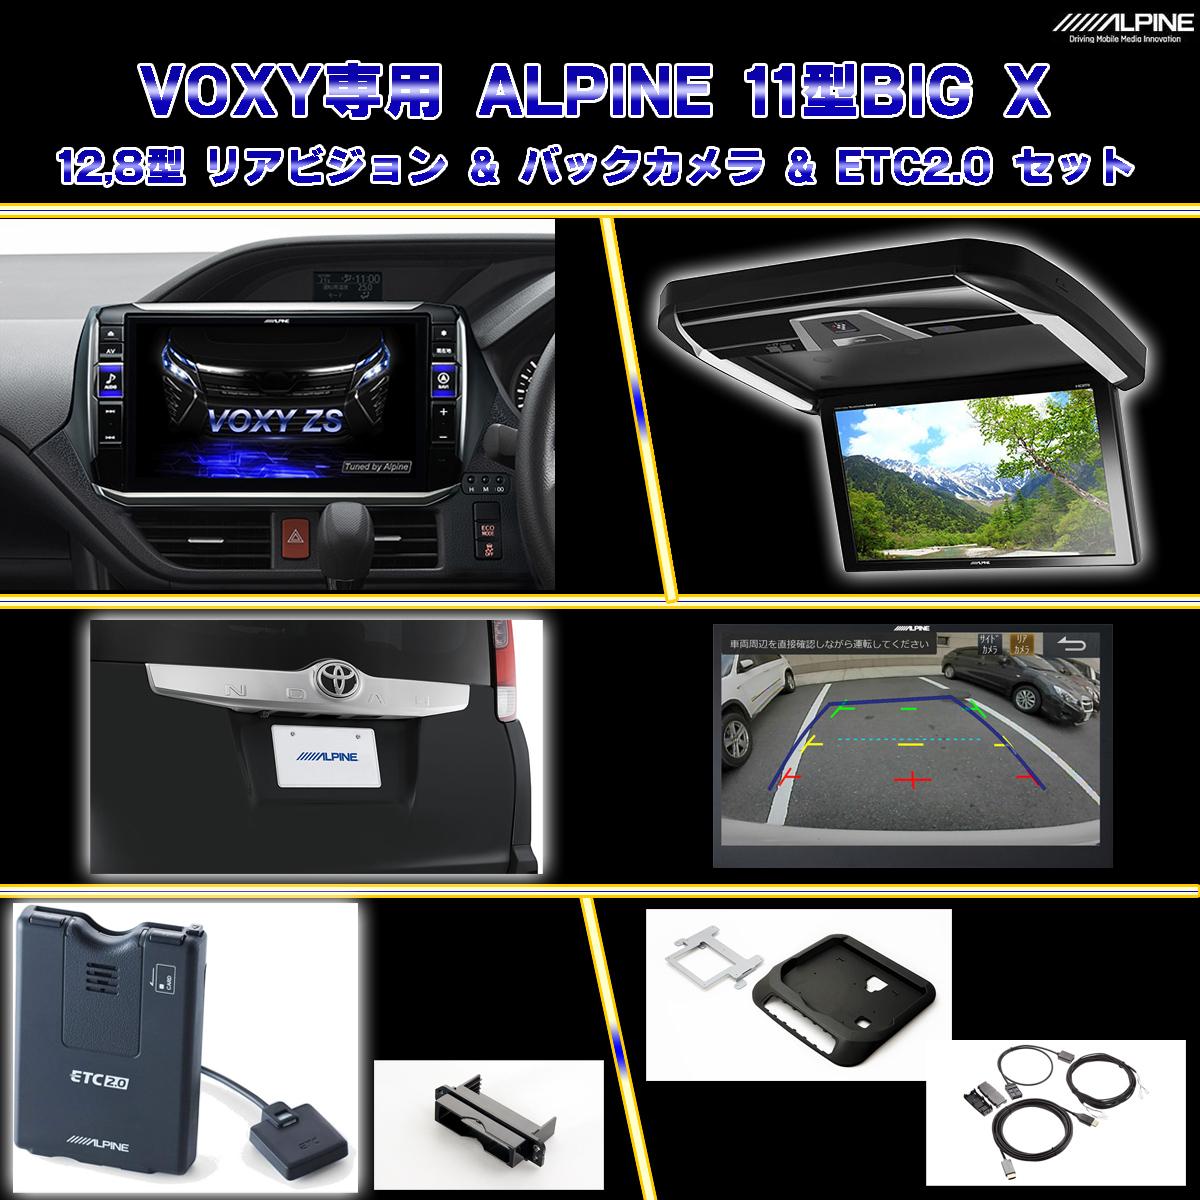 ヴォクシー専用 アルパイン EX11NX-NVE 11型ナビ・PXH12X-R-B プラズマクラスター付12.8型リアモニタ・HCE-C1000D-NVE リアビューカメラ・ETC2.0 セット